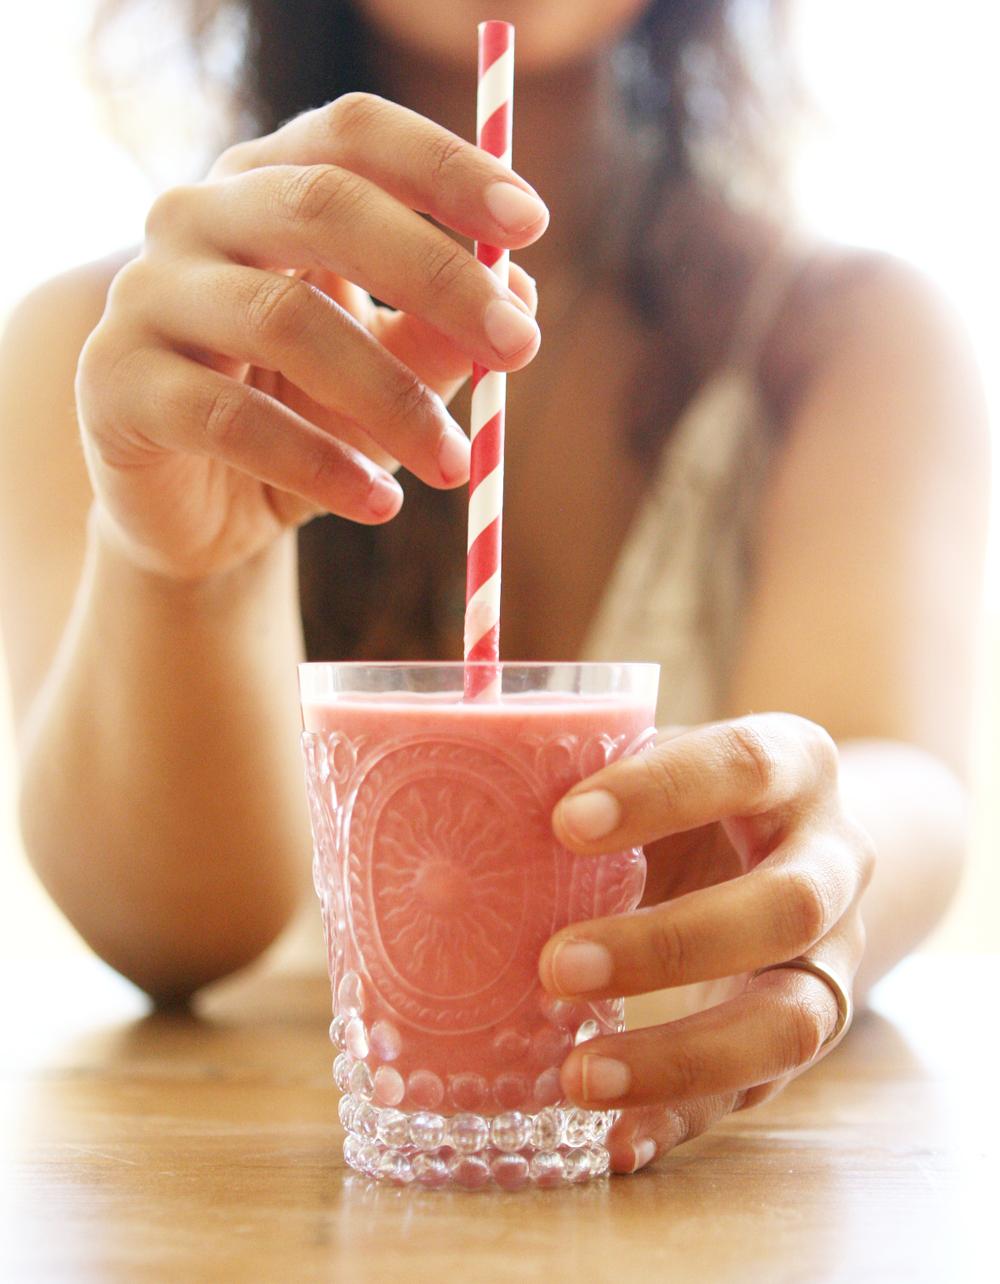 Natasha Asselstine Nutrition | Summer Berry Smoothie or Frozen Yoghurt